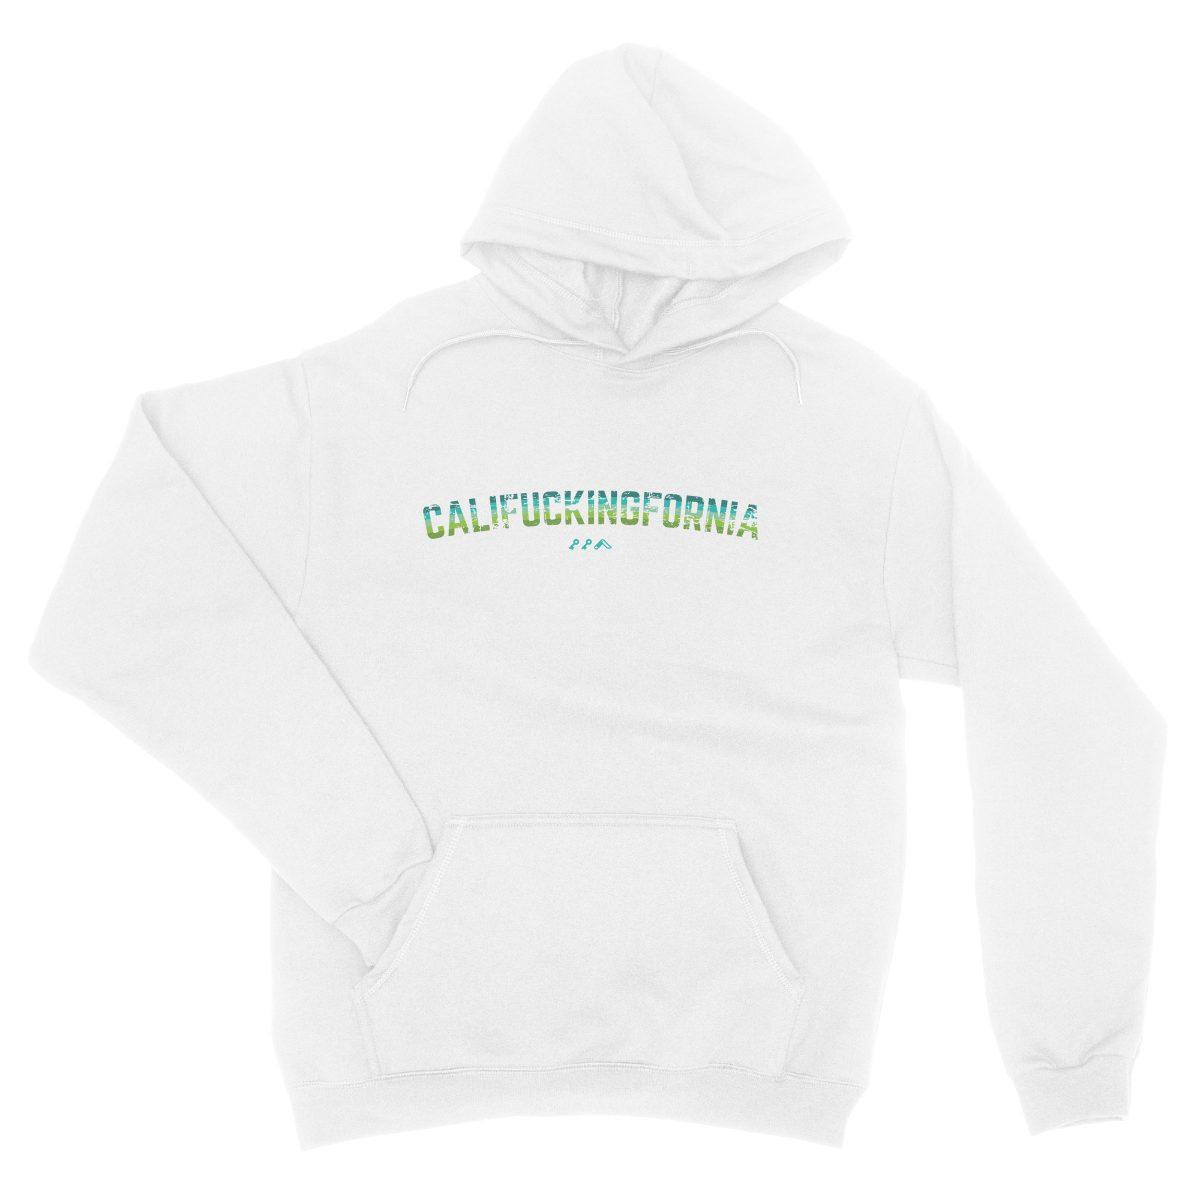 califuckingfornia 90s design retro hoodie in white by kikicutt sweatshirt store